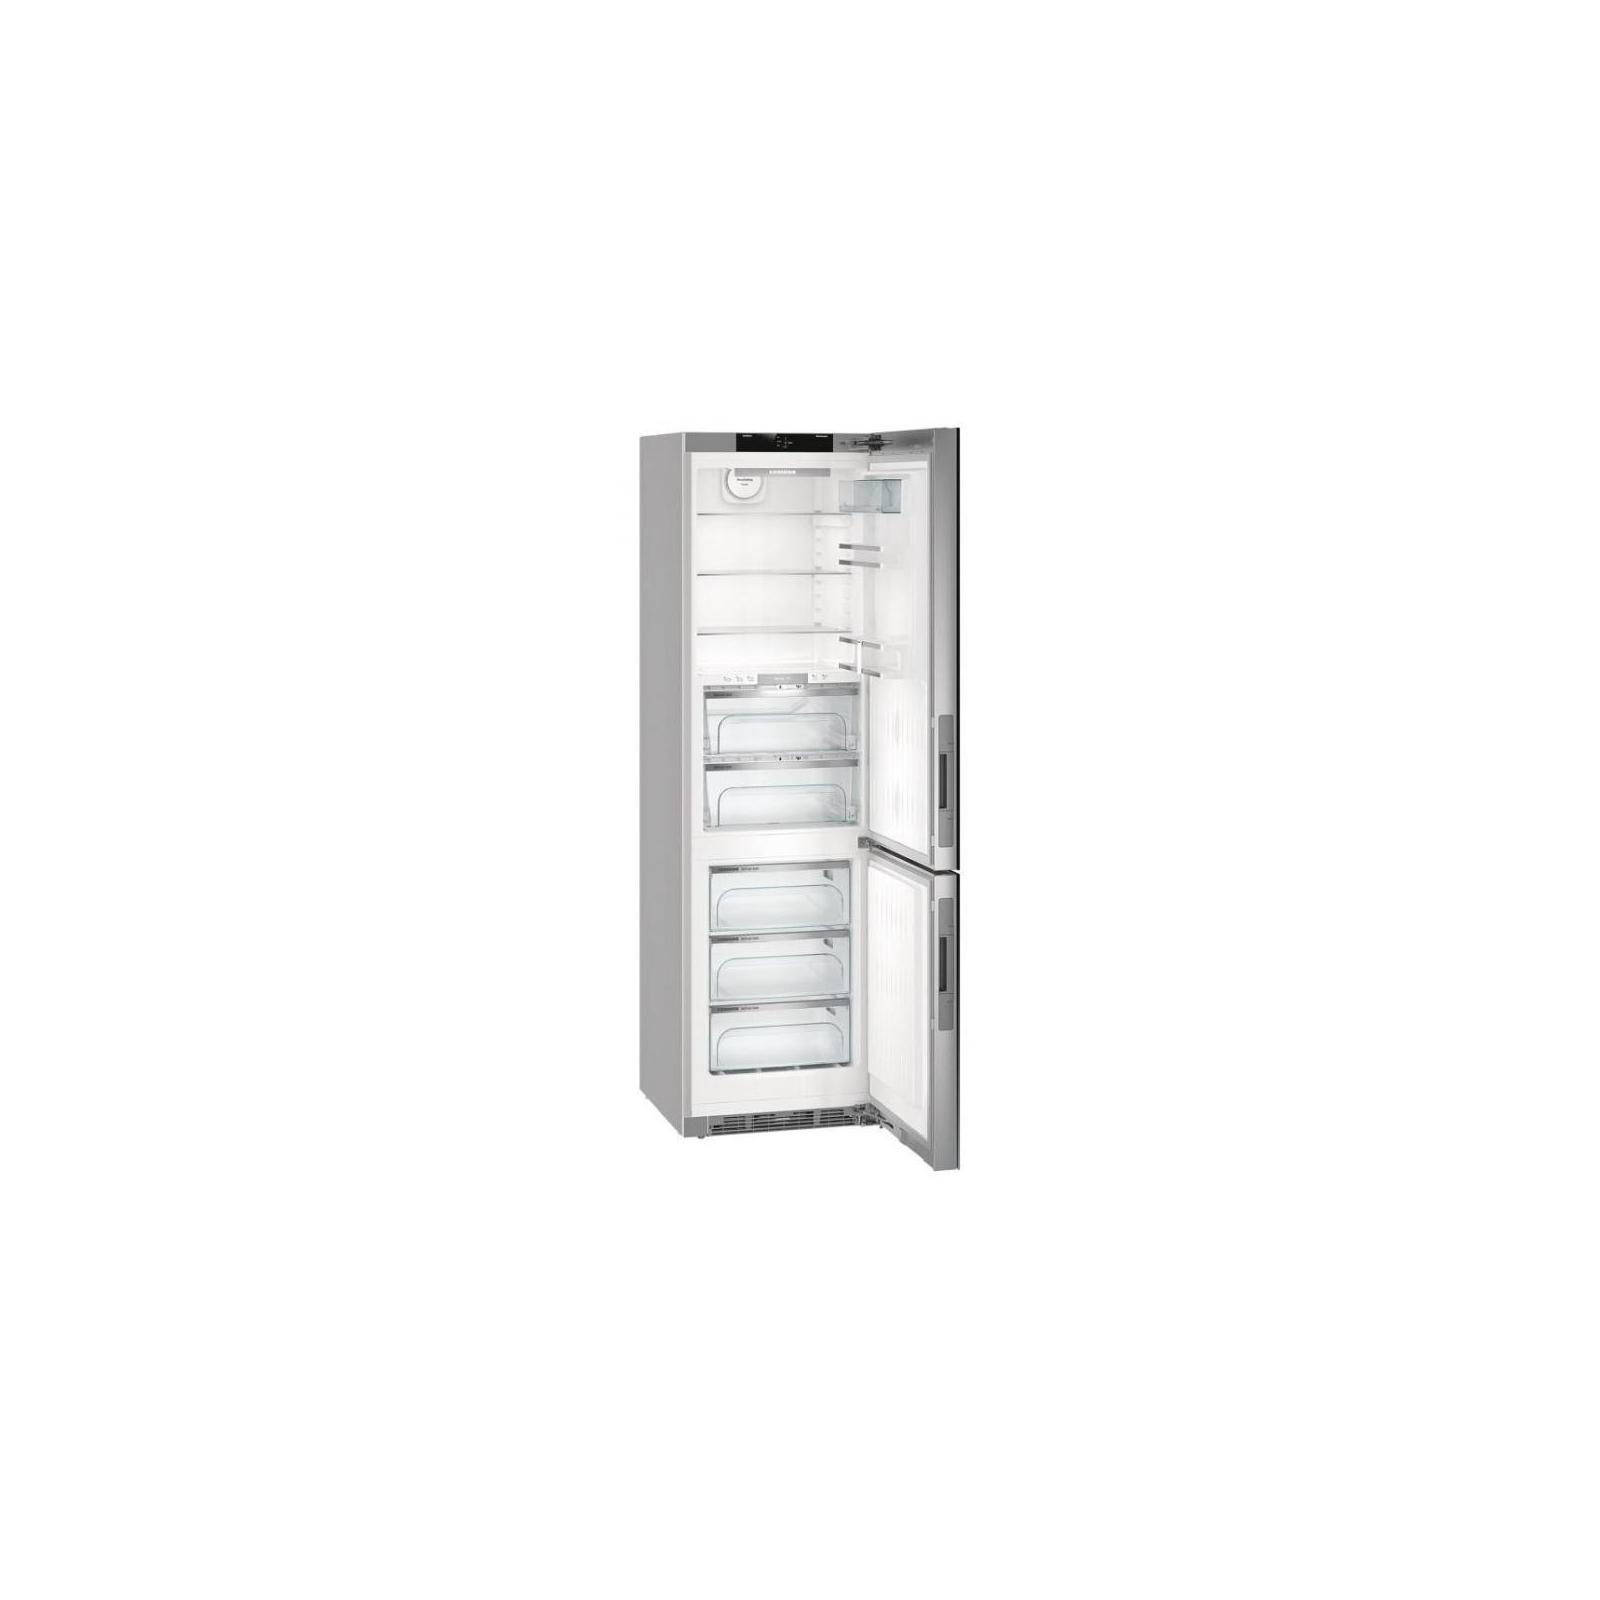 Холодильник Liebherr CBNPgb 4855 изображение 2